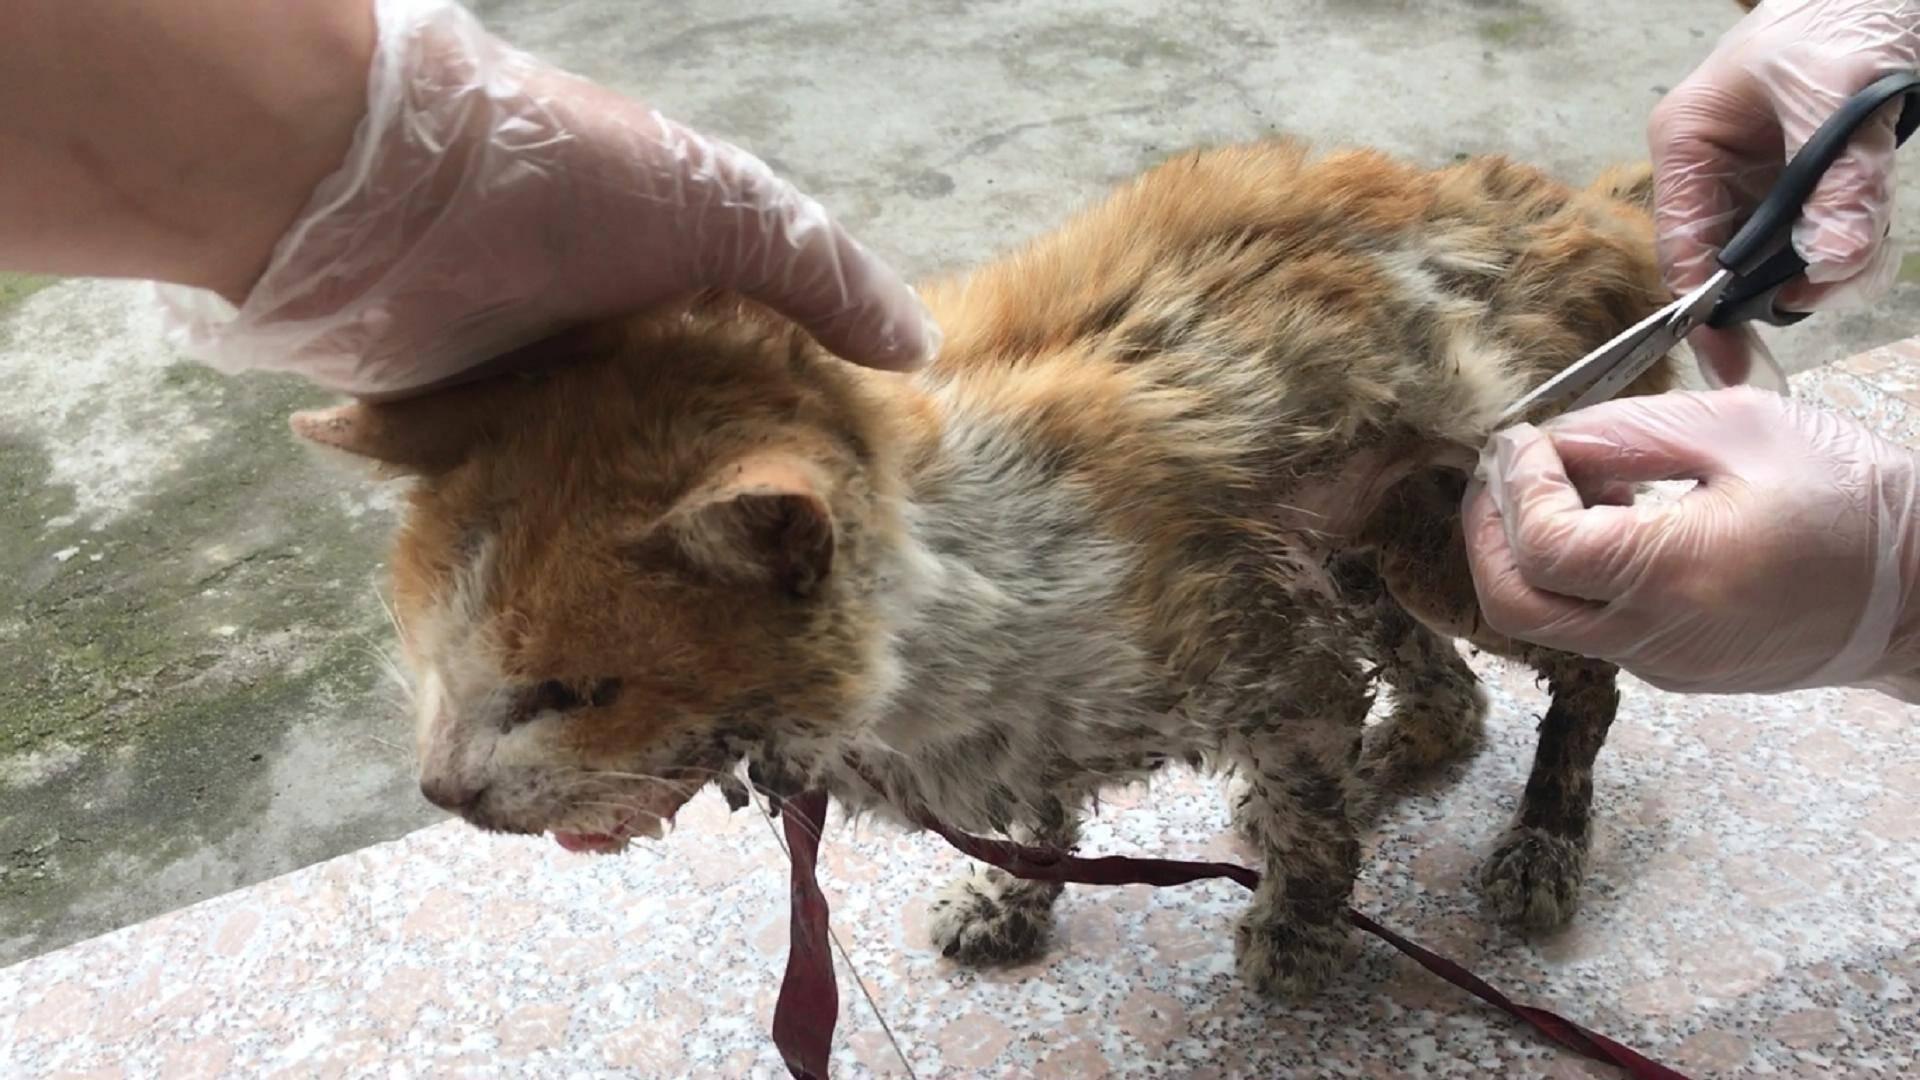 流浪猫:给猫咪剪掉打结的毛,再次给它清理伤口